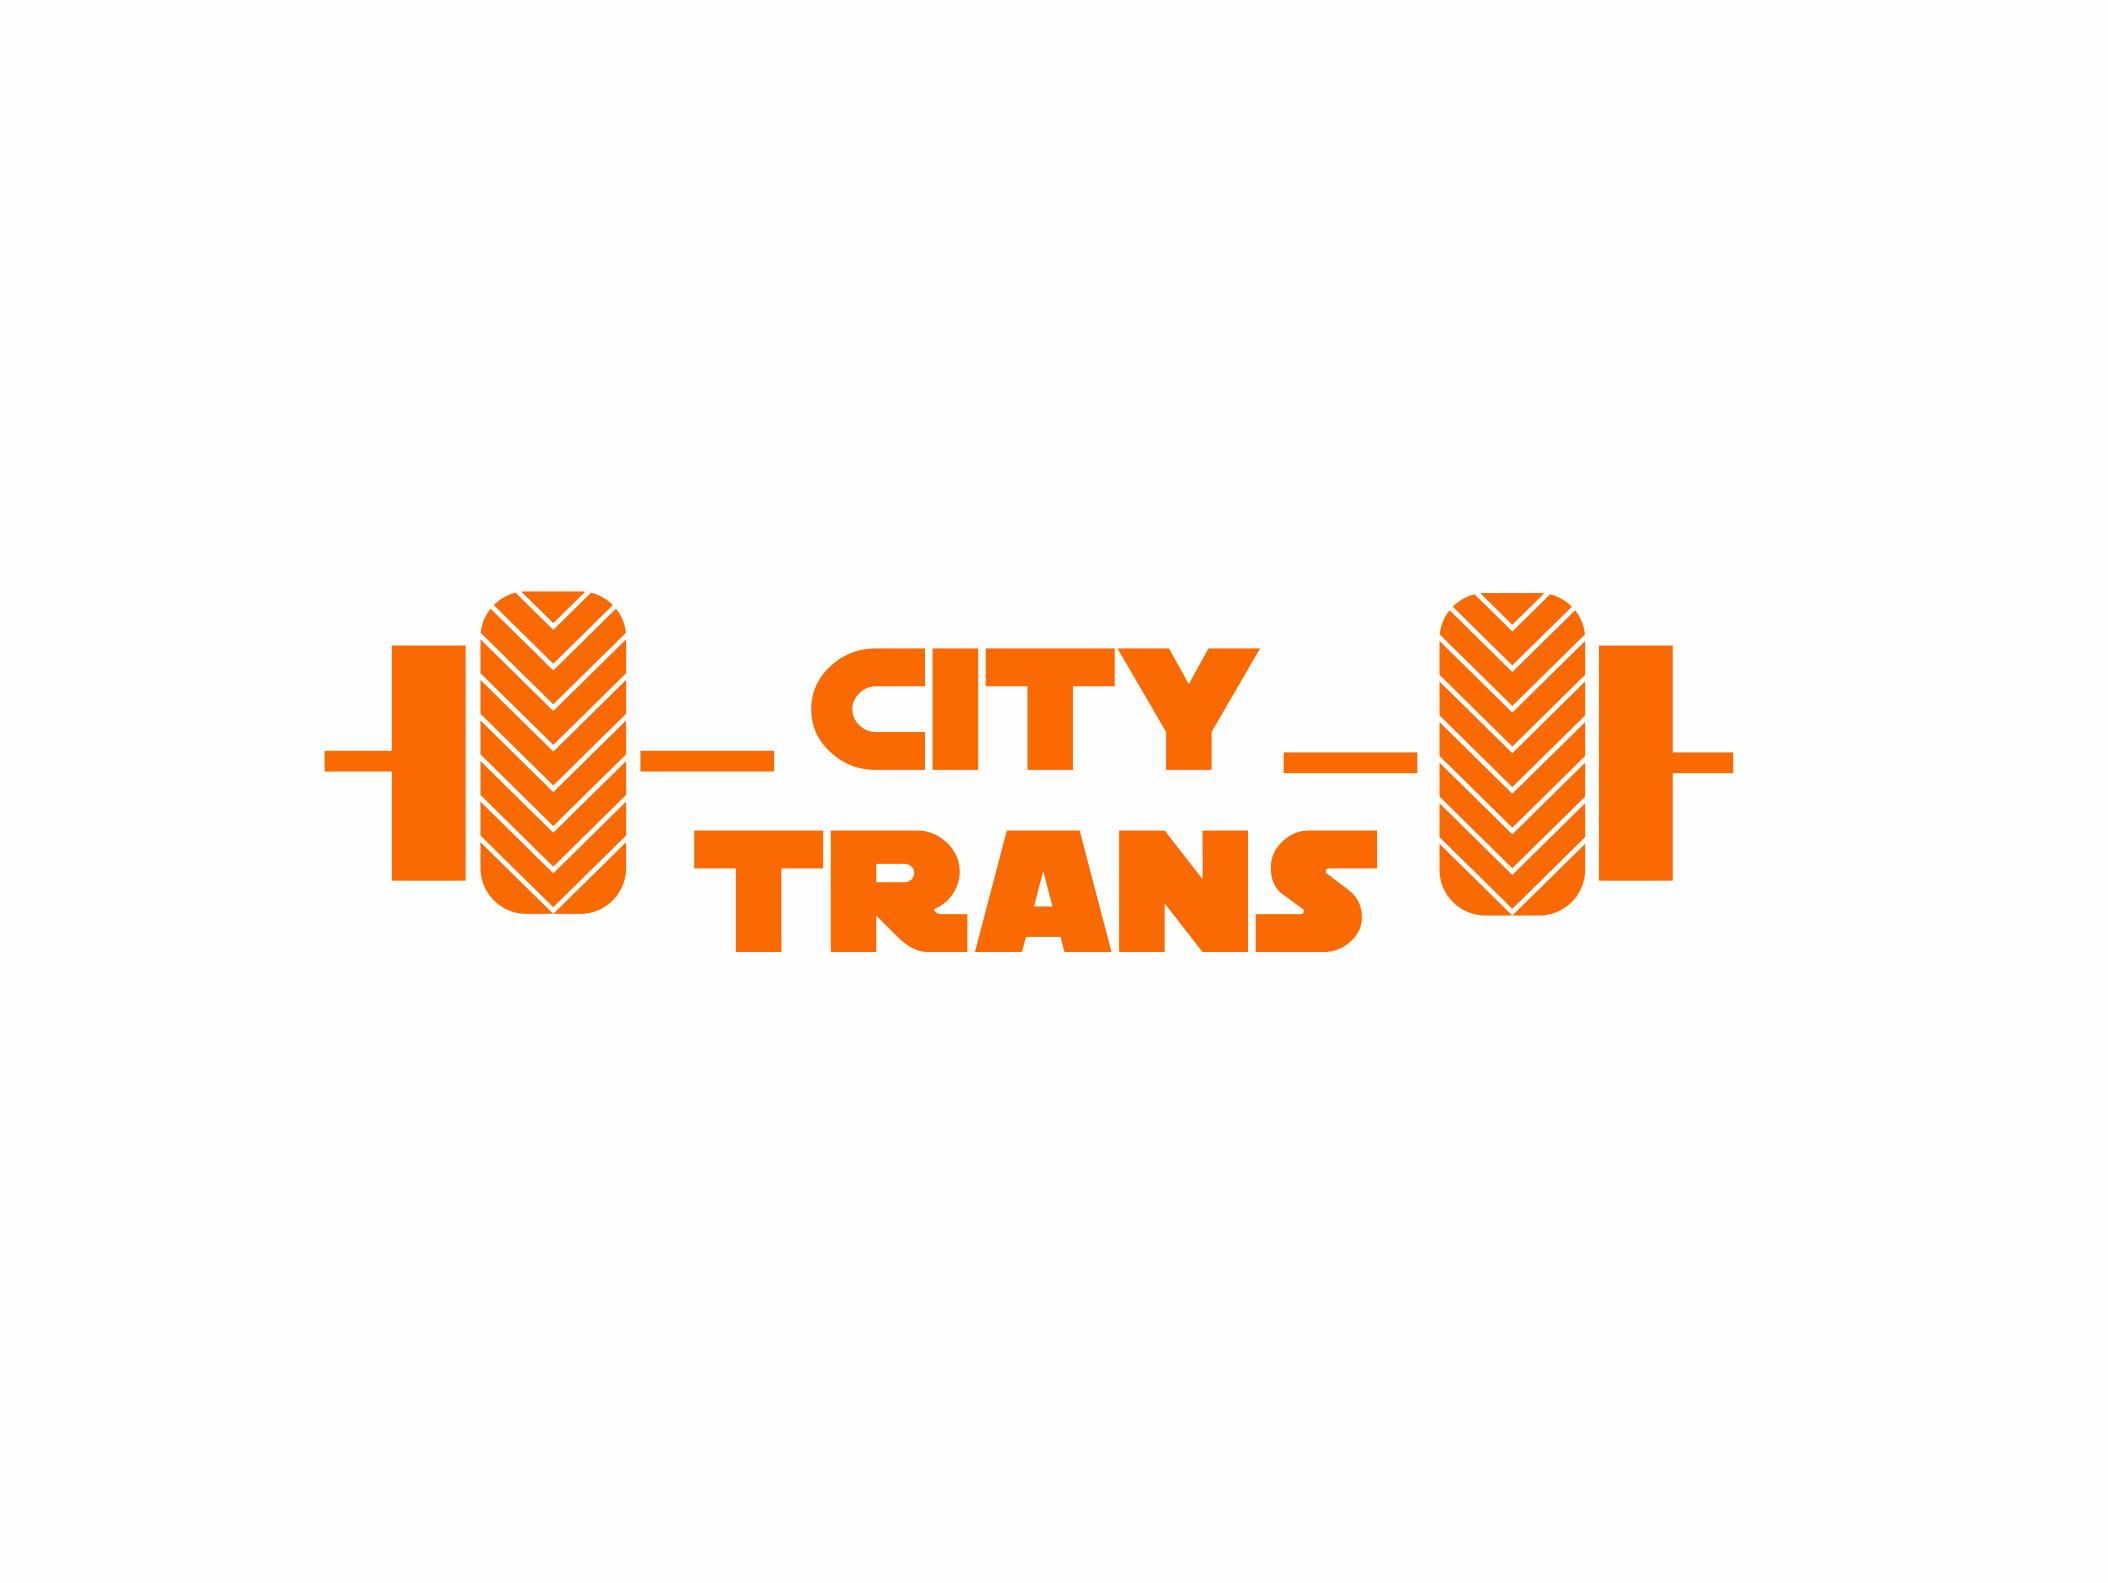 Разработка Логотипа транспортной компании фото f_0065e6e2c6b59953.png